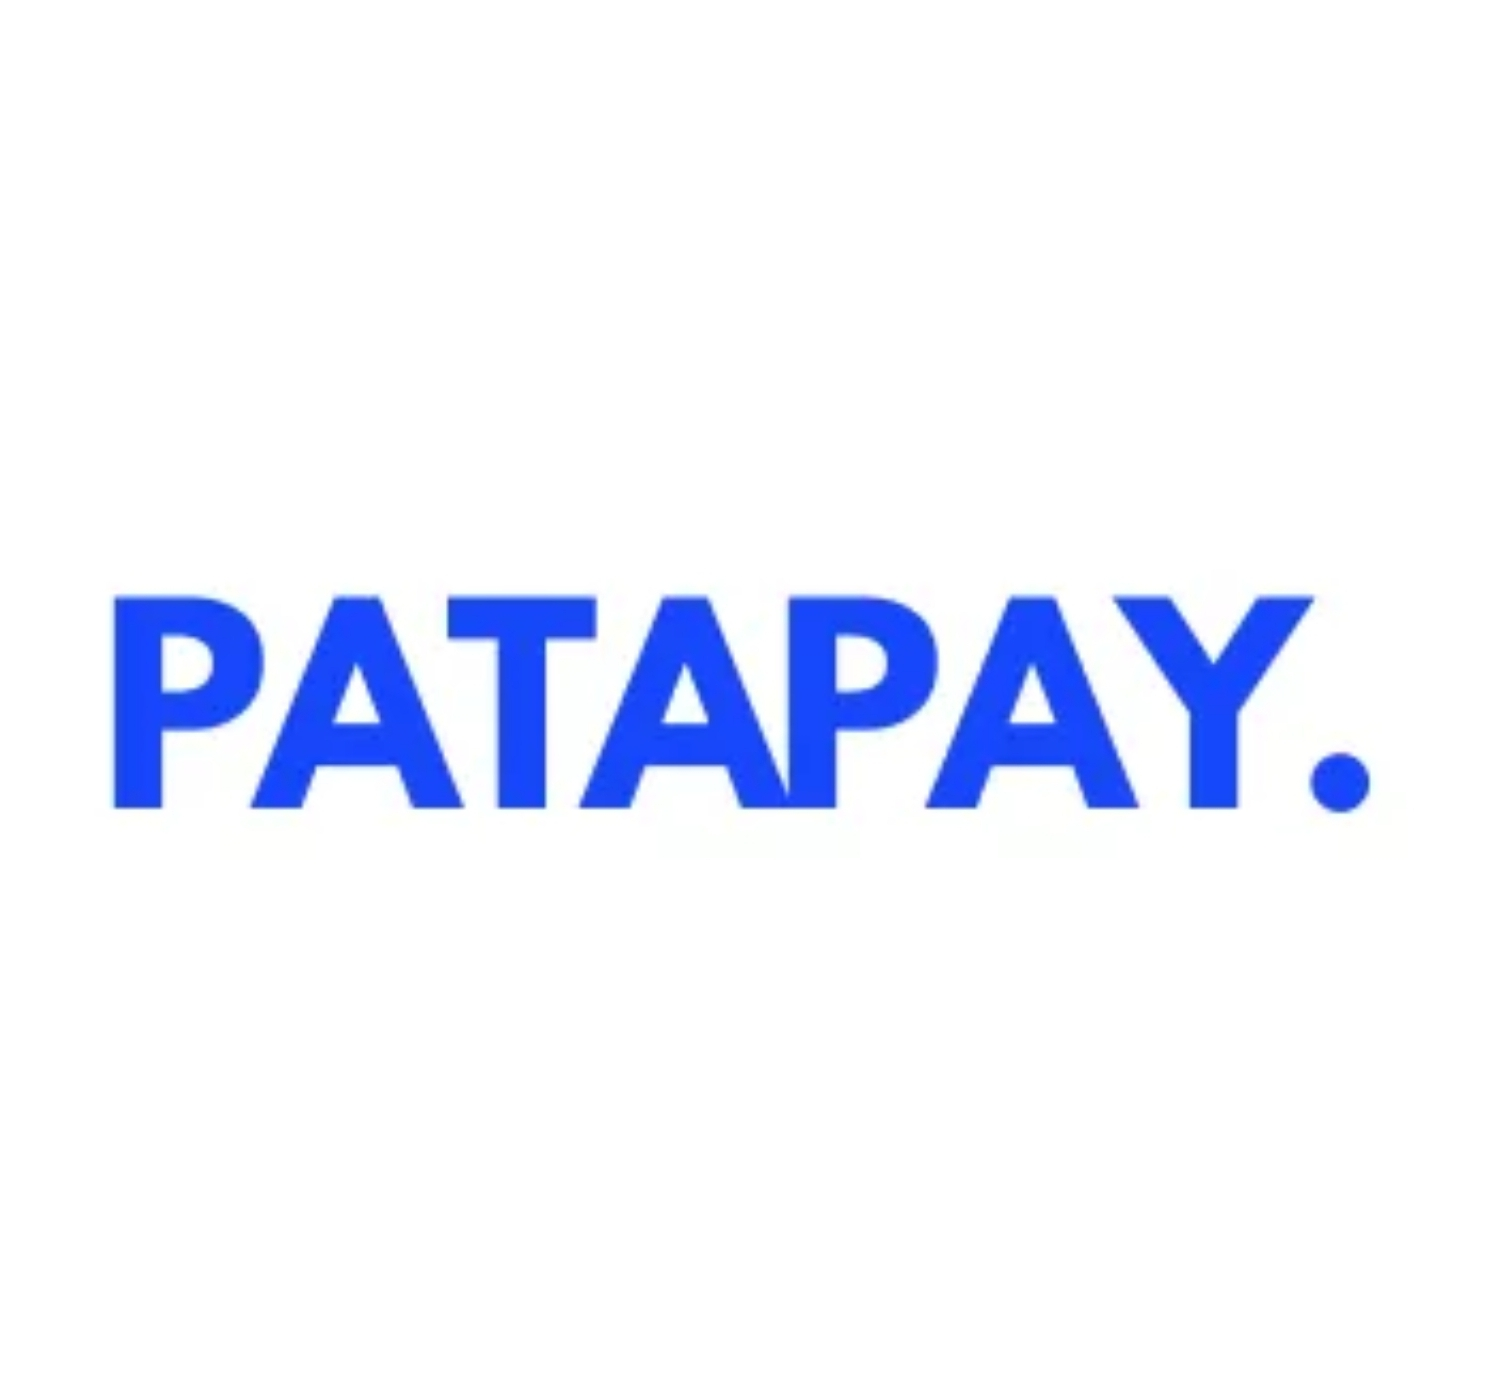 PataPay